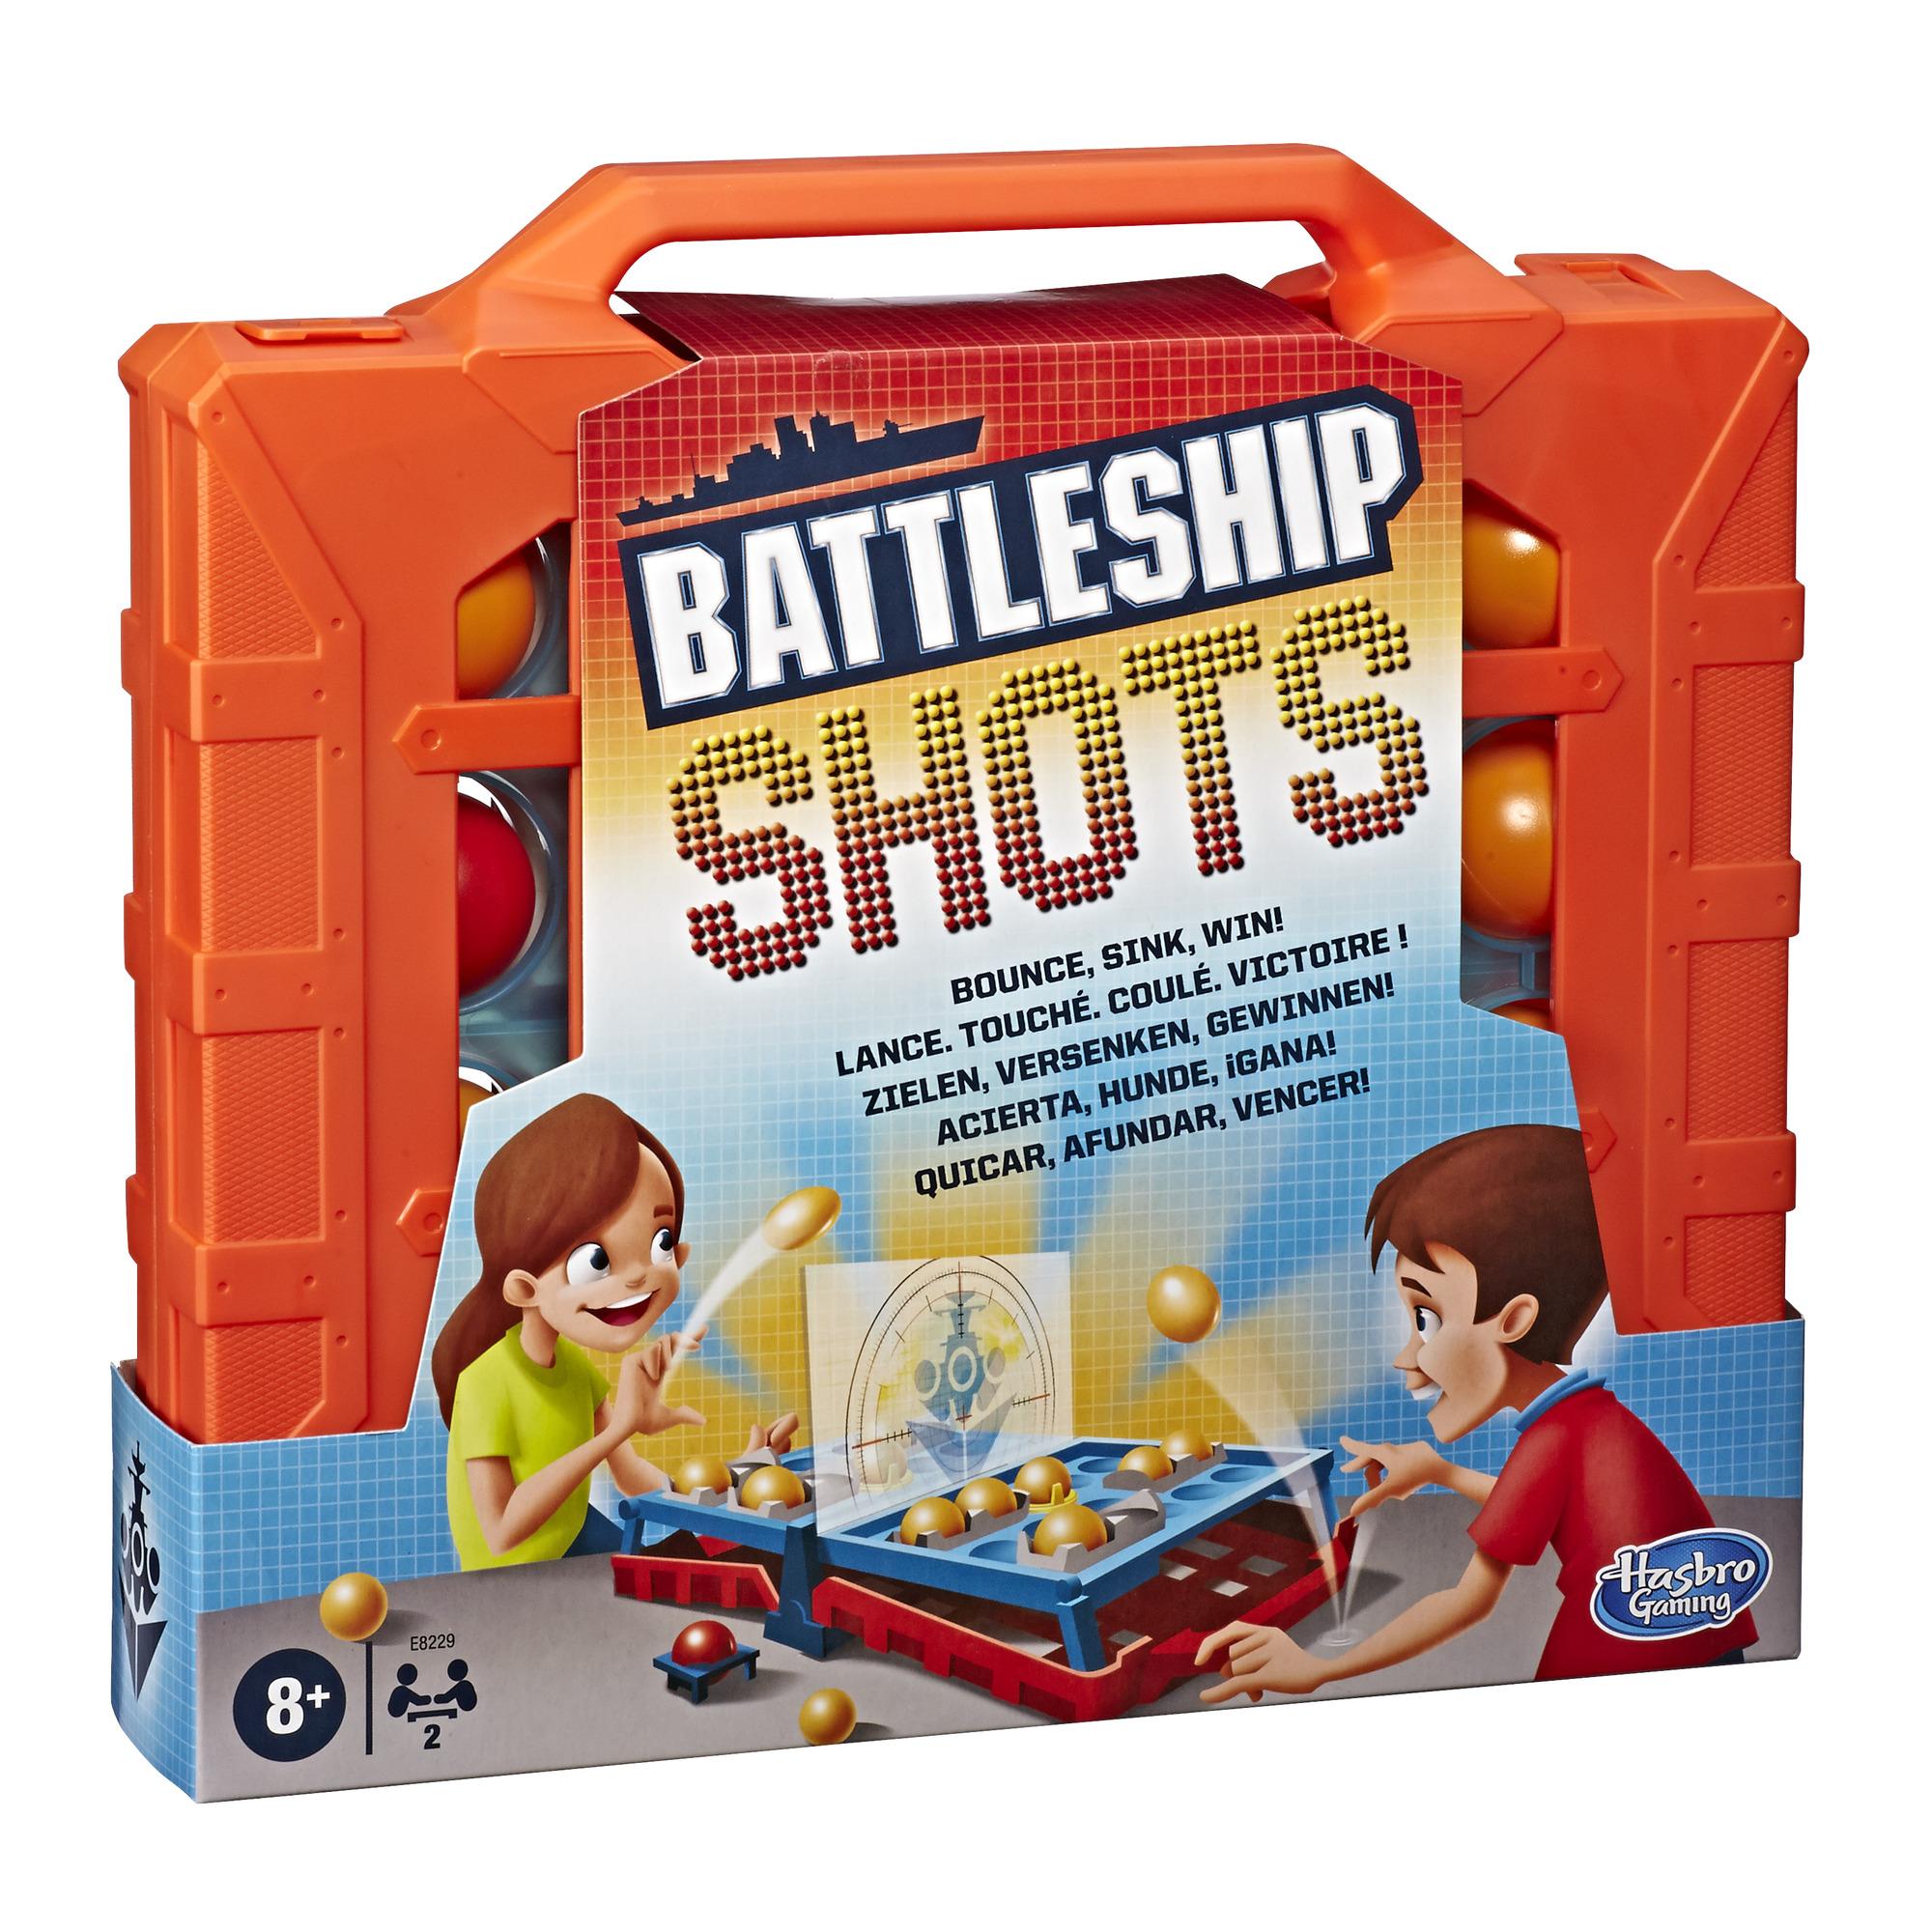 Hasbro Gaming Battleship Shots $10.19 & More - Amazon